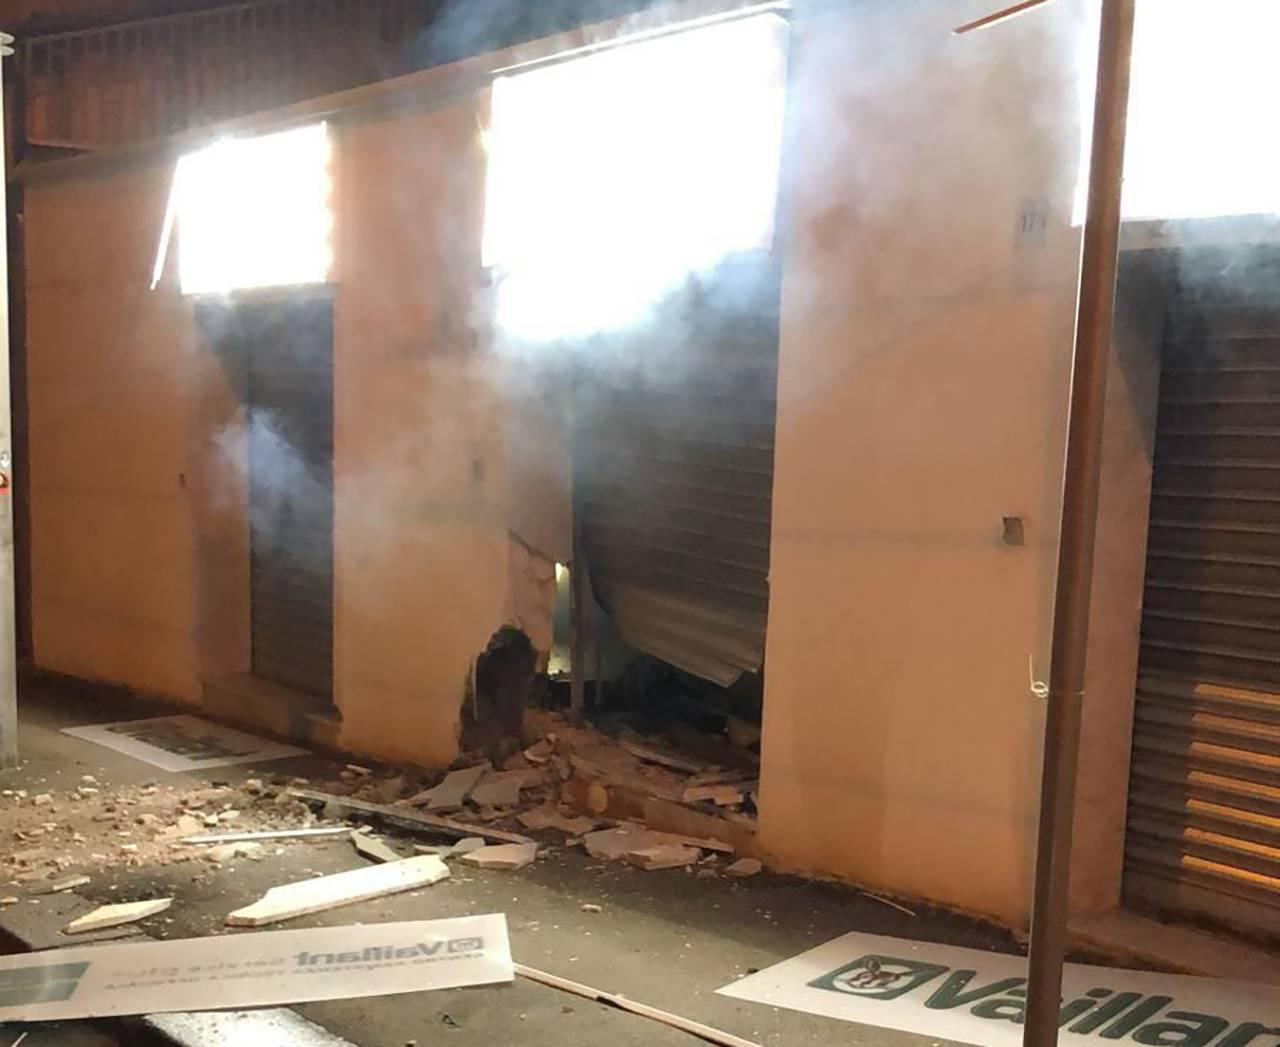 Incendio negozio Colli Aminei - Foto di Ivo Poggiani, Facebook